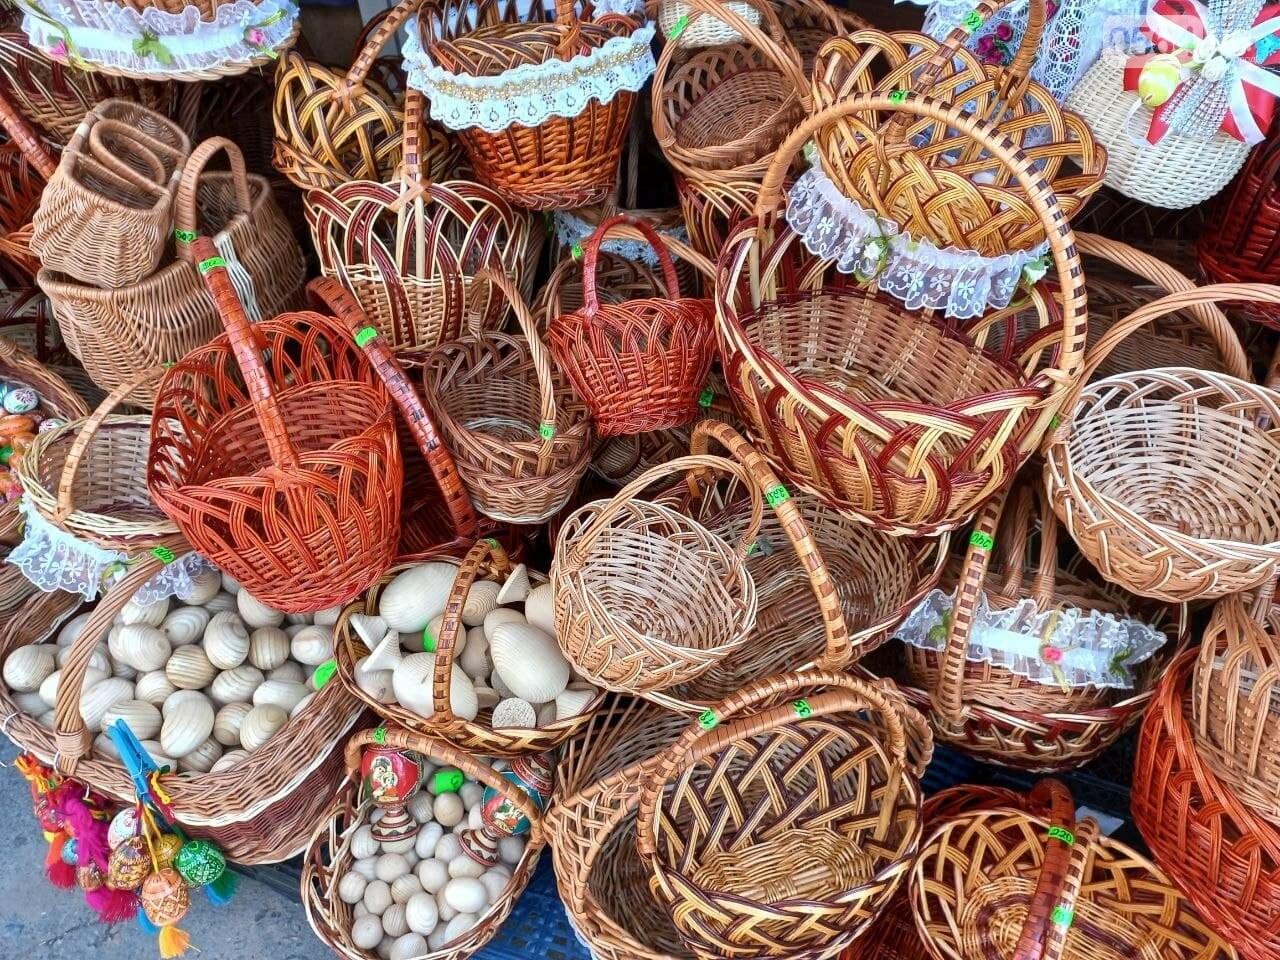 Пасхальная корзина 2021: сколько стоит традиционный праздничный набор продуктов в Кривом Роге, - ФОТО, фото-28